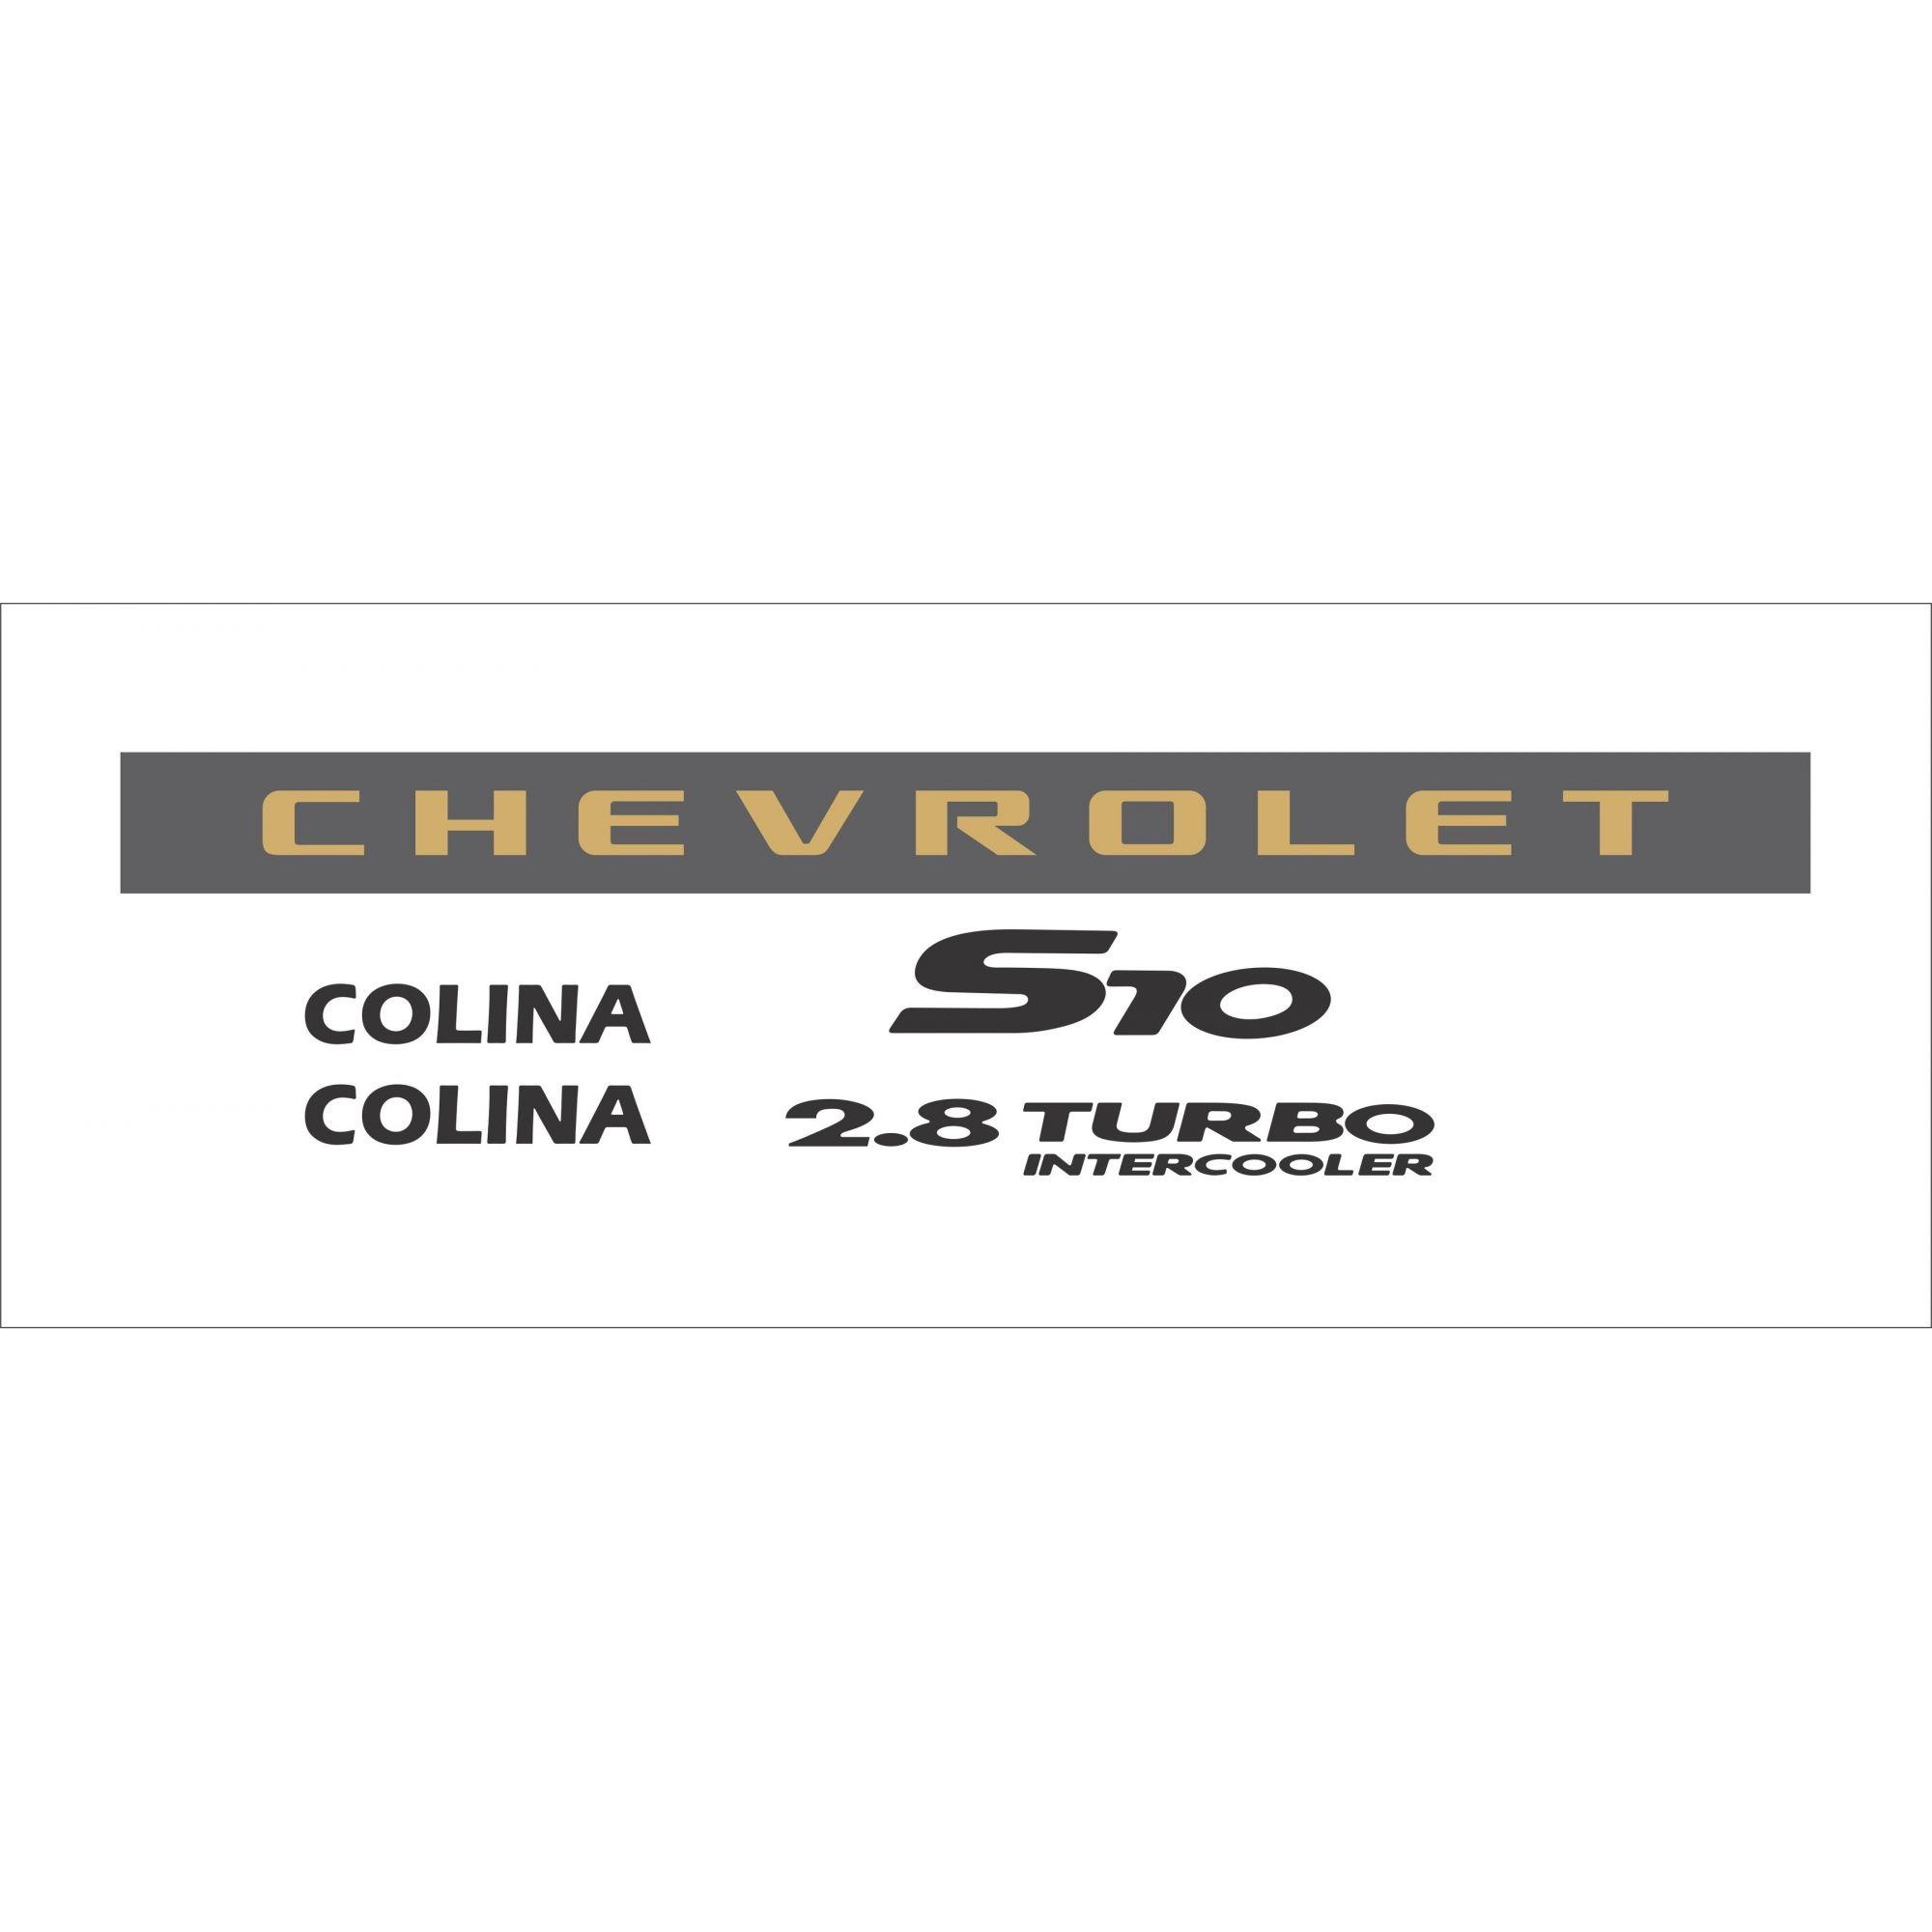 Kit Adesivo Chevrolet S10 Colina 2006 Preto S10kit43